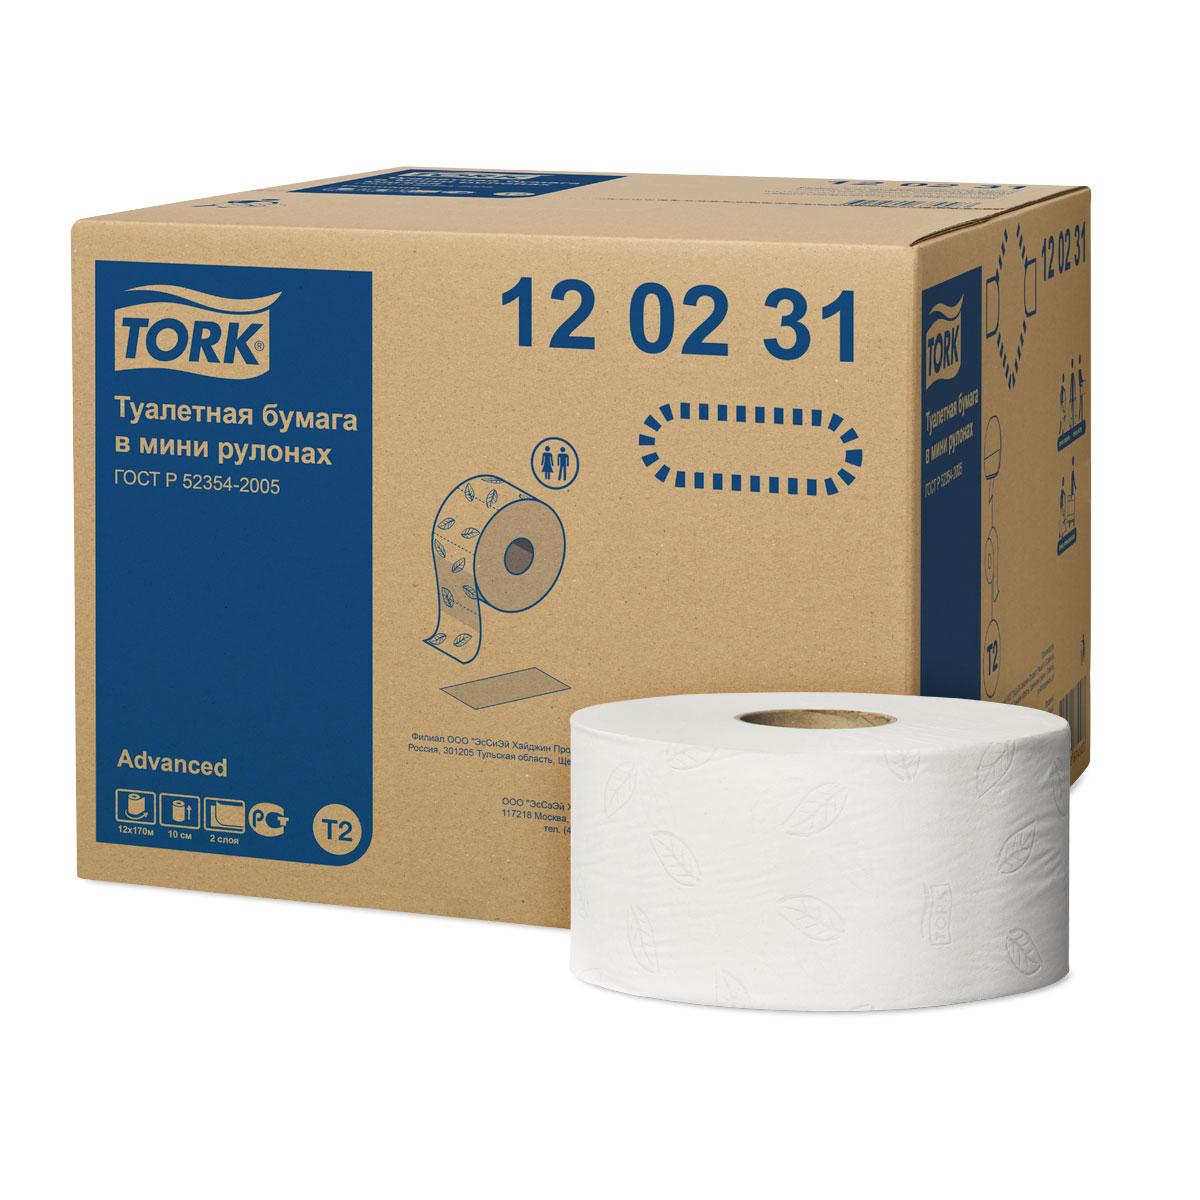 Tork туалетная бумага в мини рулонах 2-сл. 170м, коробка 12 шт120231Целлюлоза